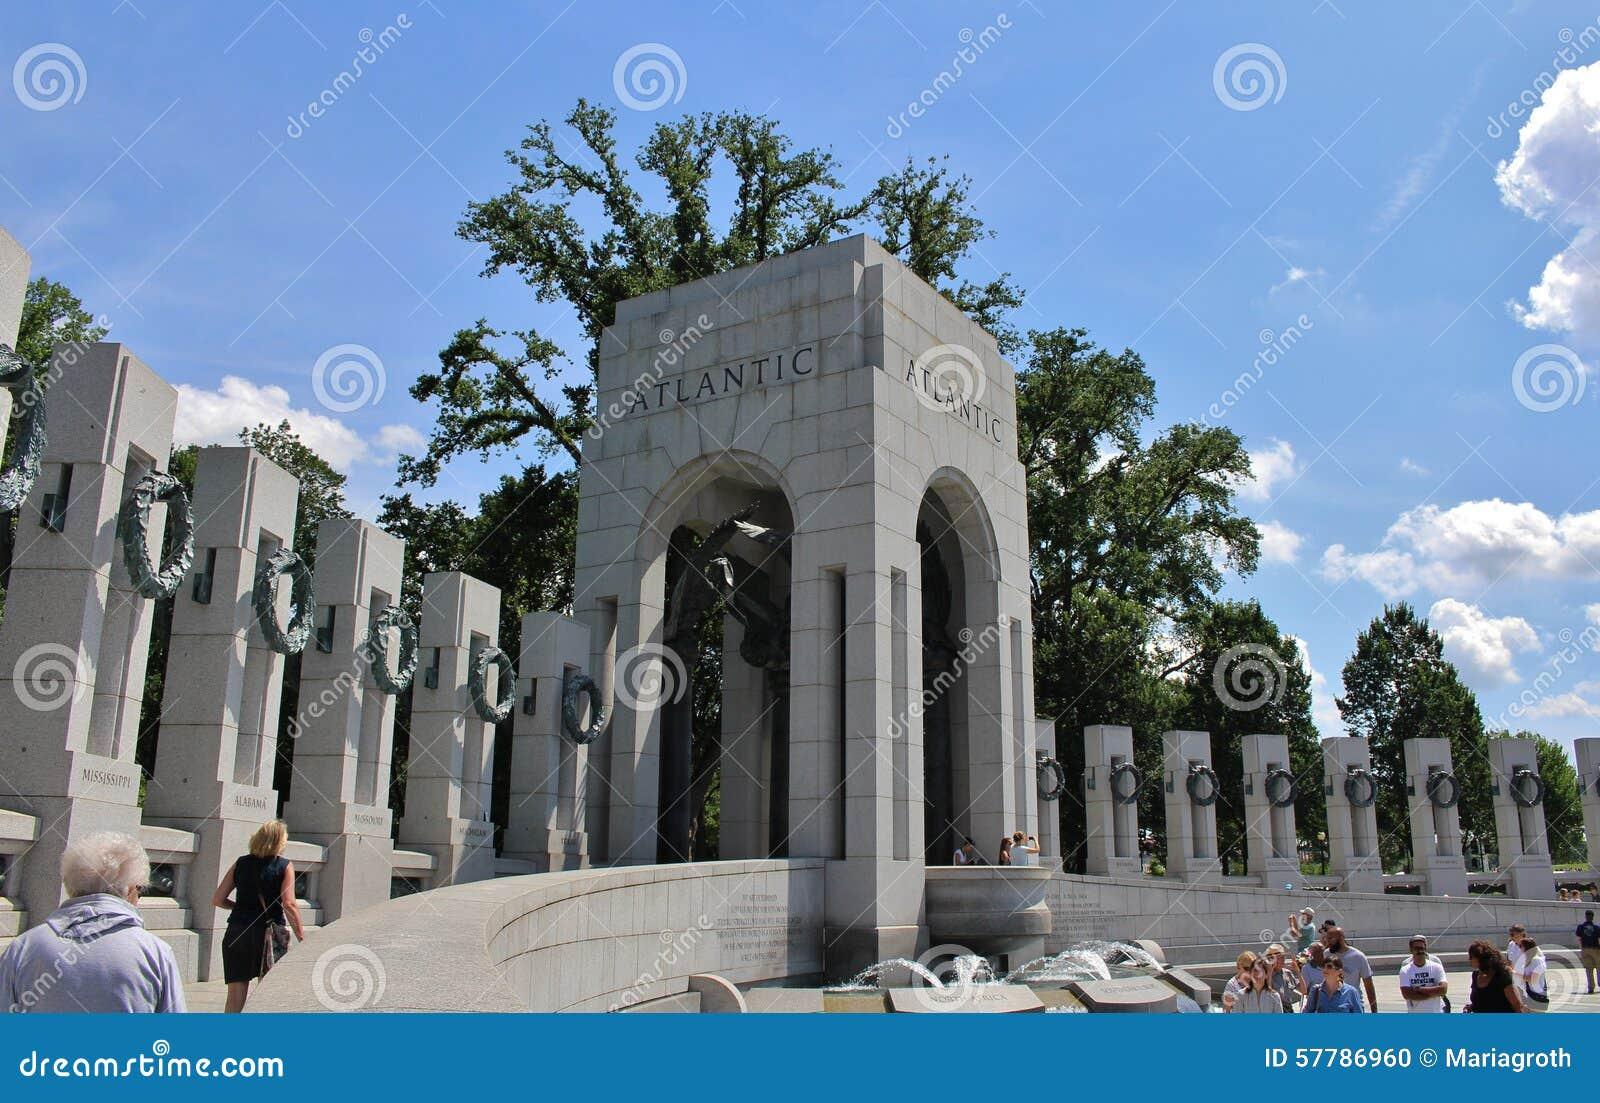 Εθνικό μνημείο Δεύτερου Παγκόσμιου Πολέμου, Washington DC